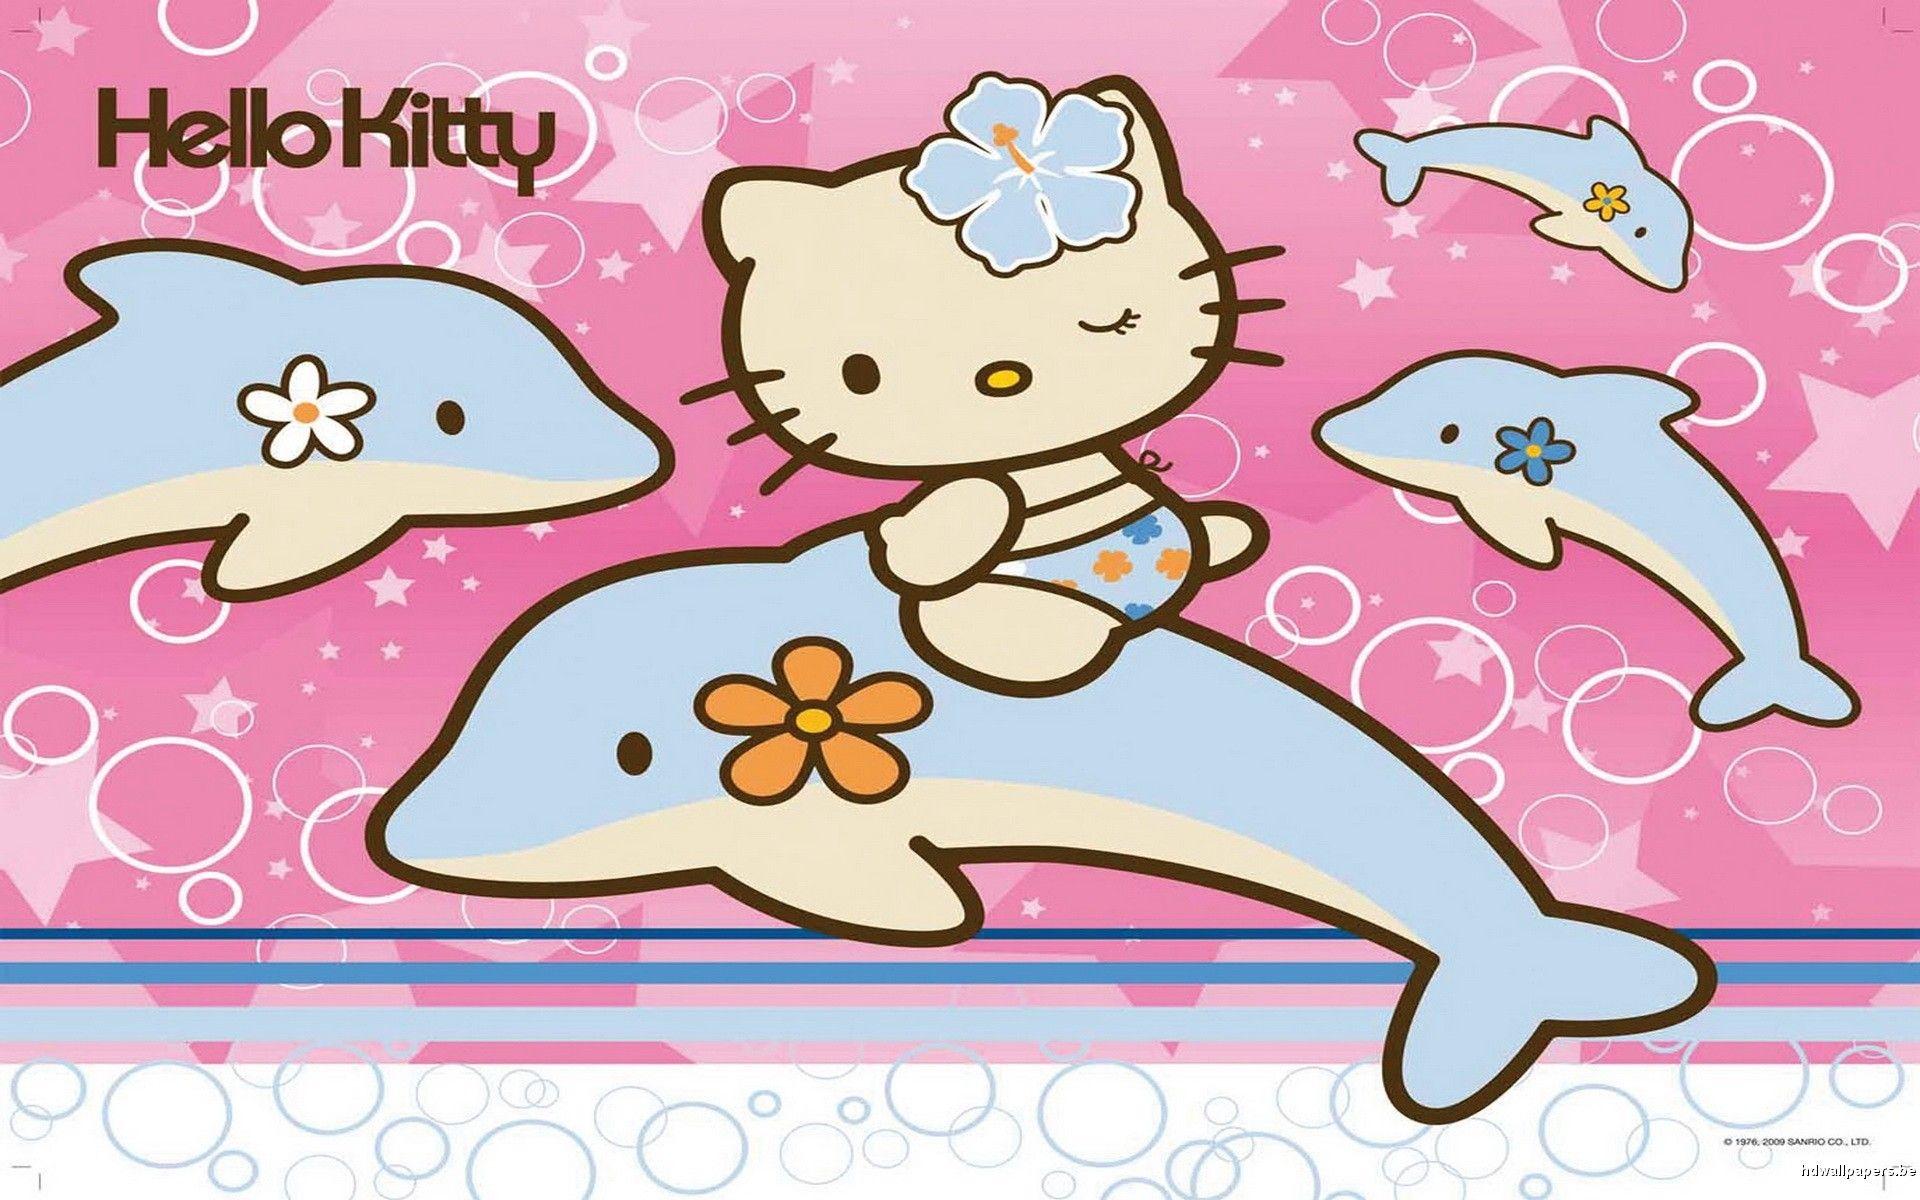 Must see Wallpaper Hello Kitty Android - m7oLi4  Snapshot_792966.jpg